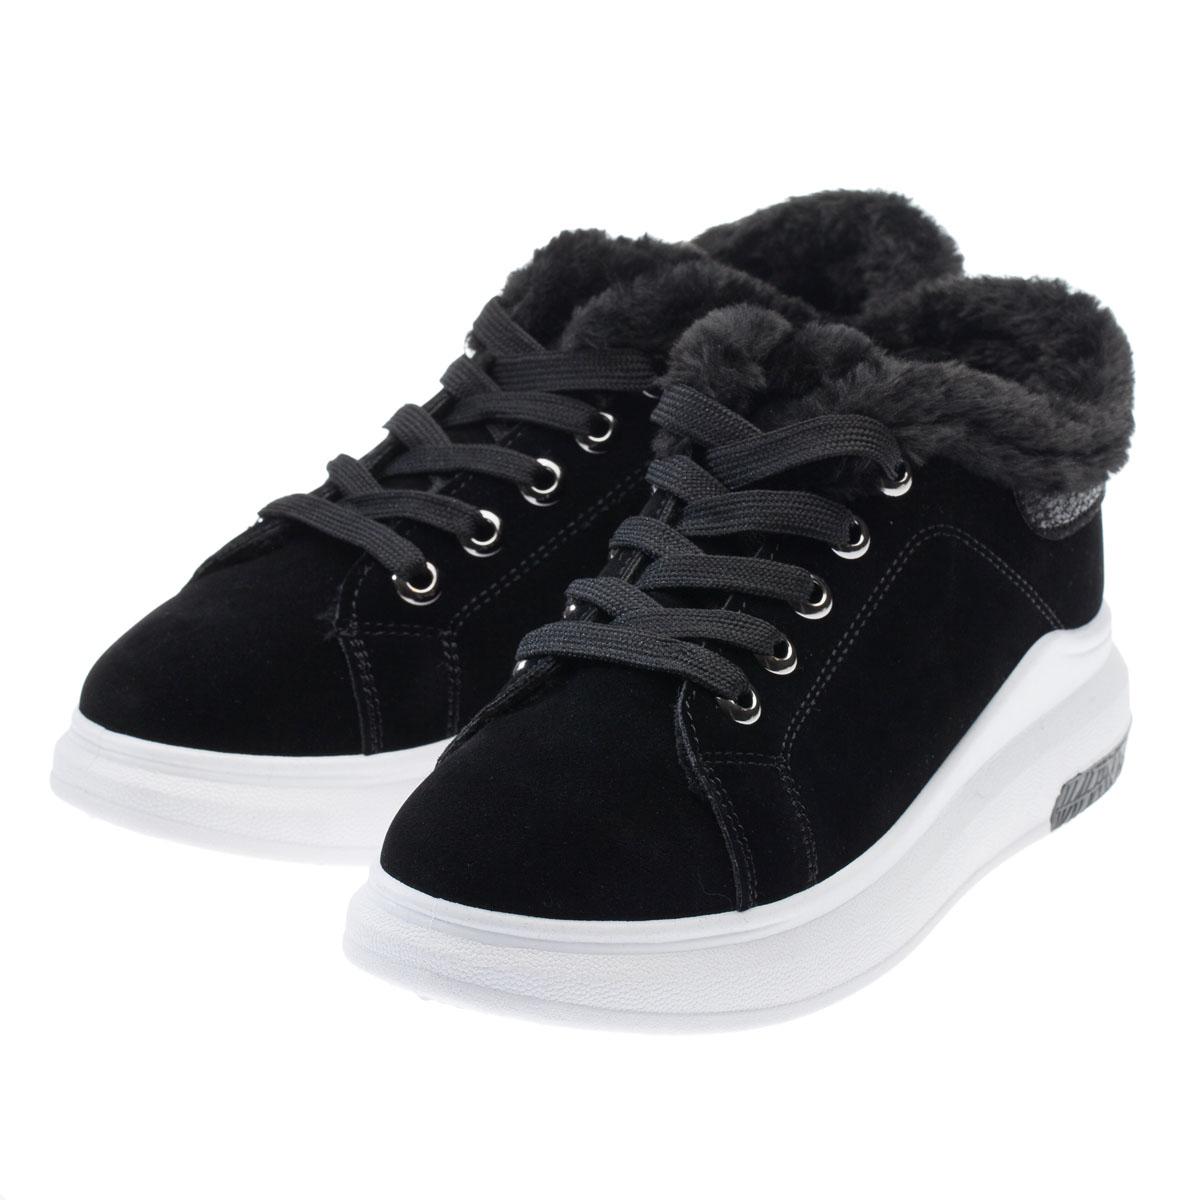 Ботинки демисезонные FERTO, N1809 демисезонные ботинки dior 2015 d995902